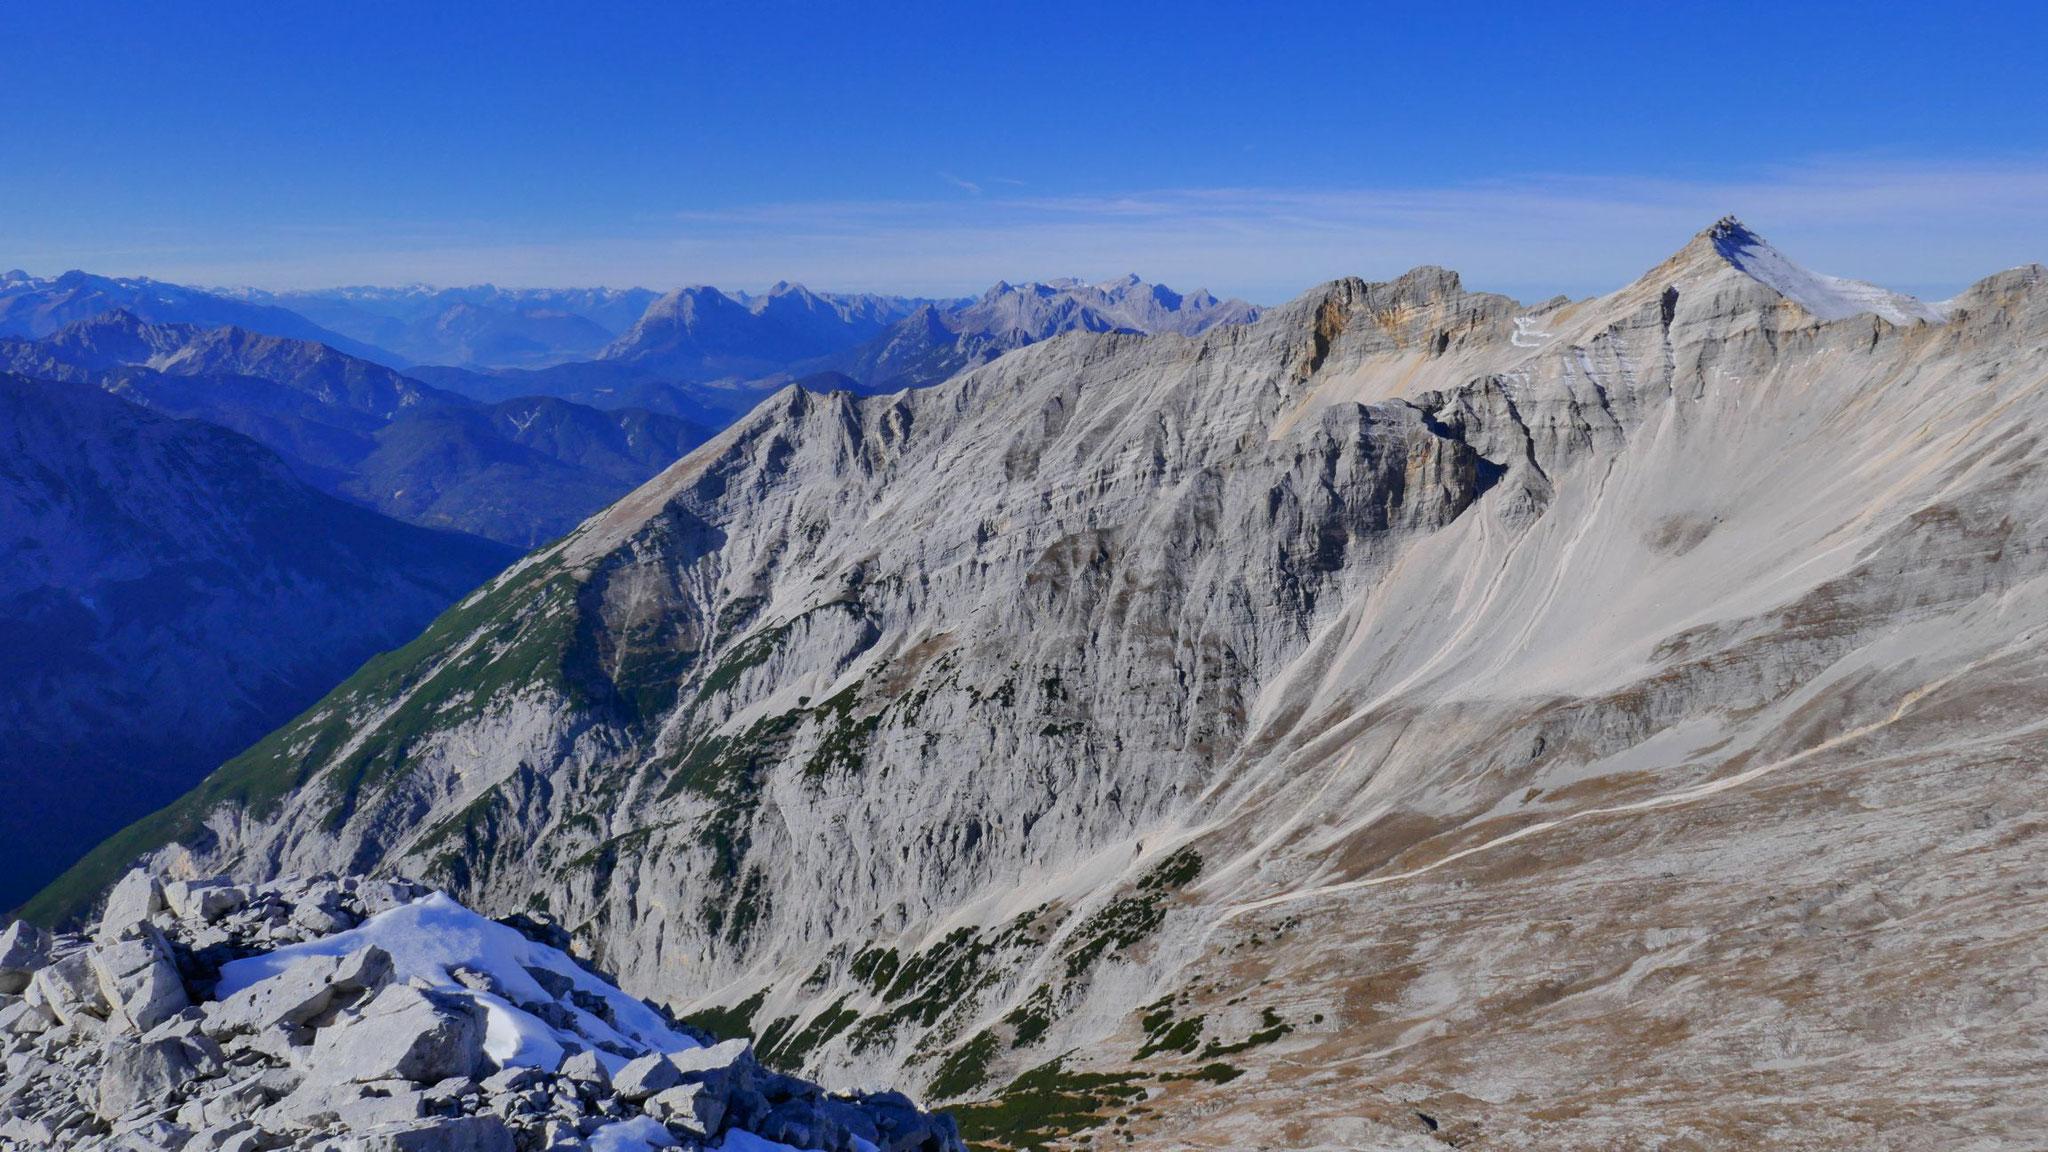 Gr. Ödkar, dahinter Spitzhüttengrat und Gr. Seekarspitze